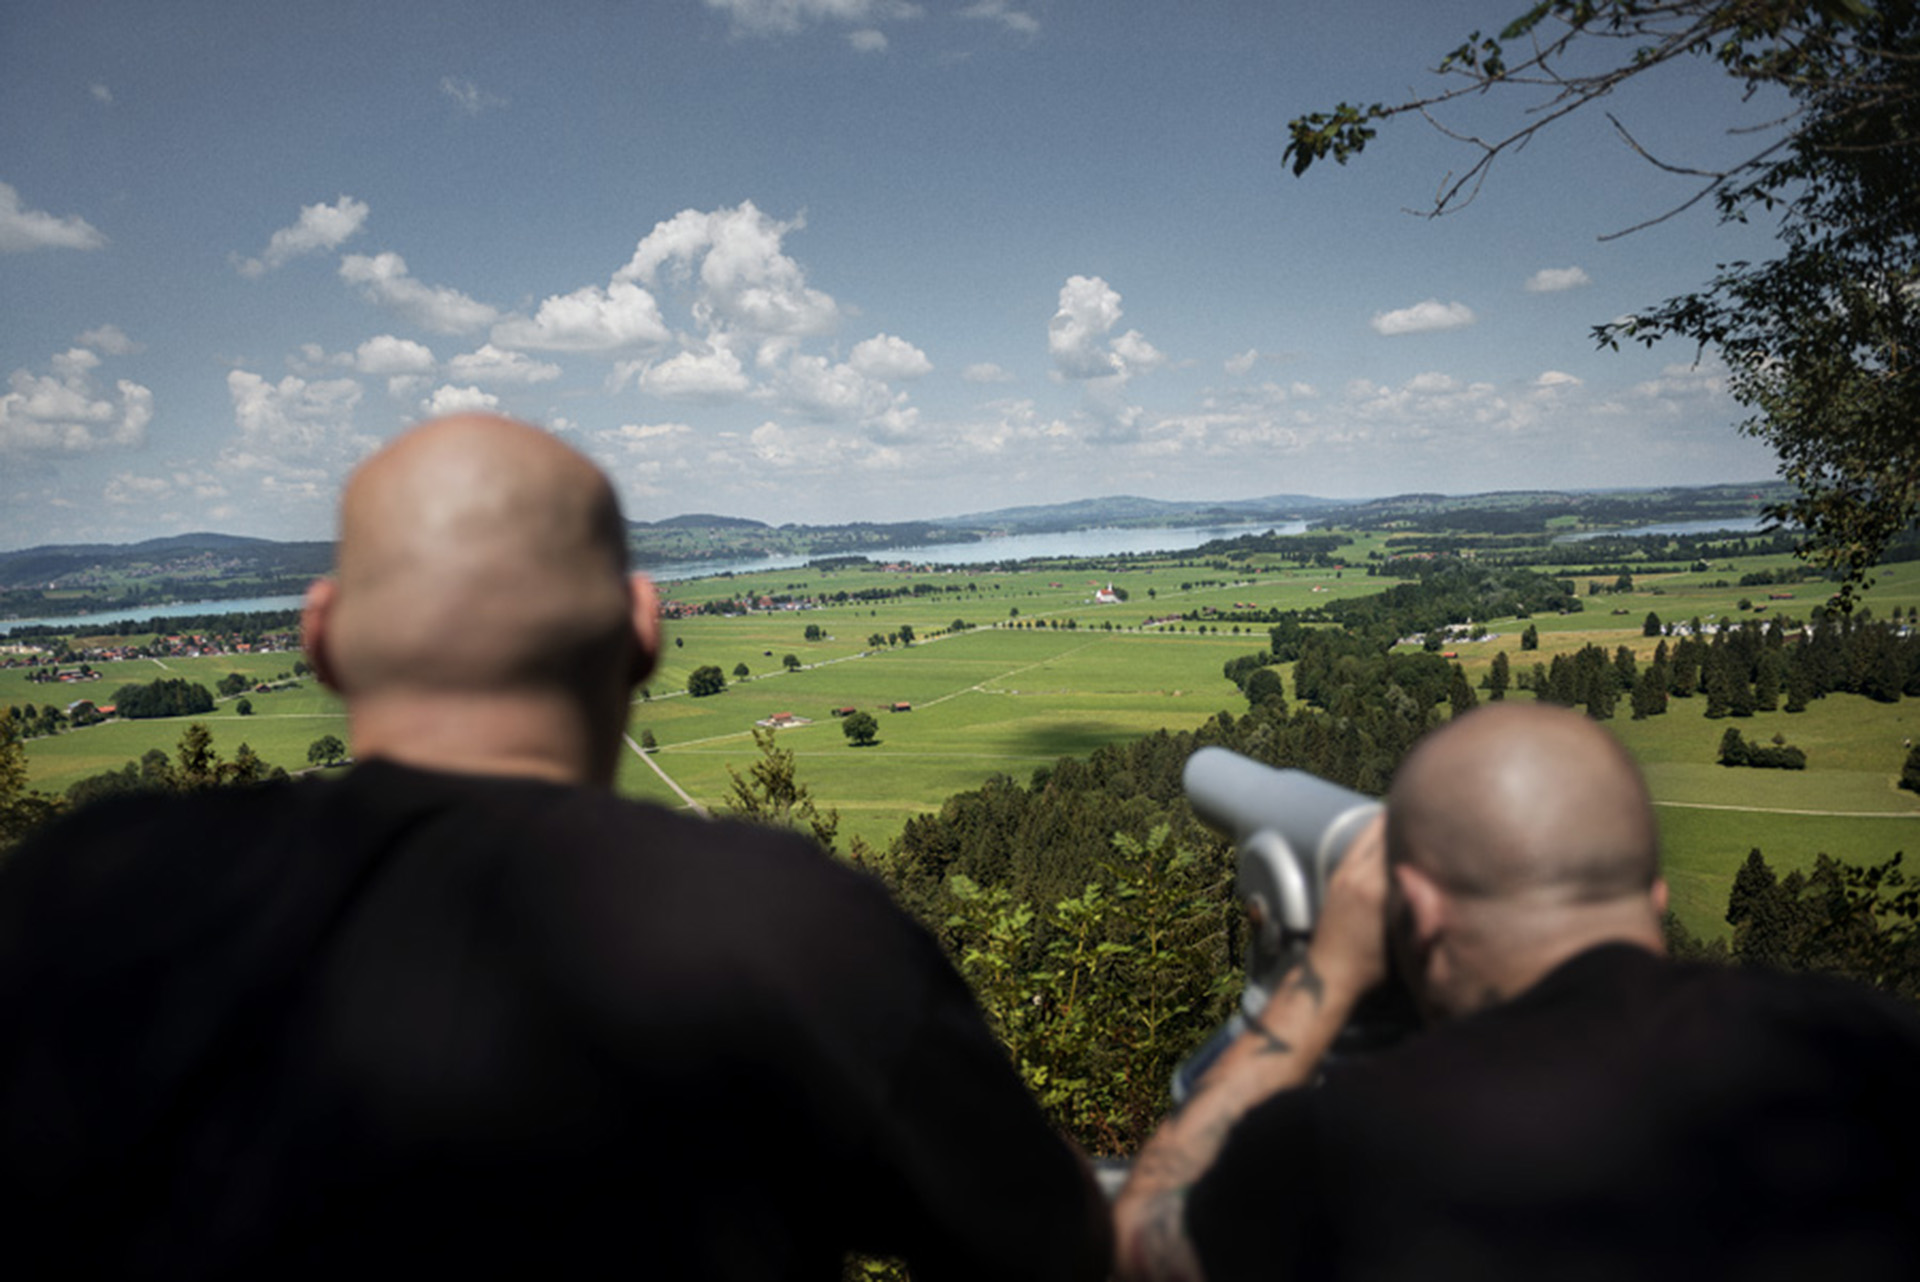 Dos skinheads admiran el paisaje en Baviera, Alemania